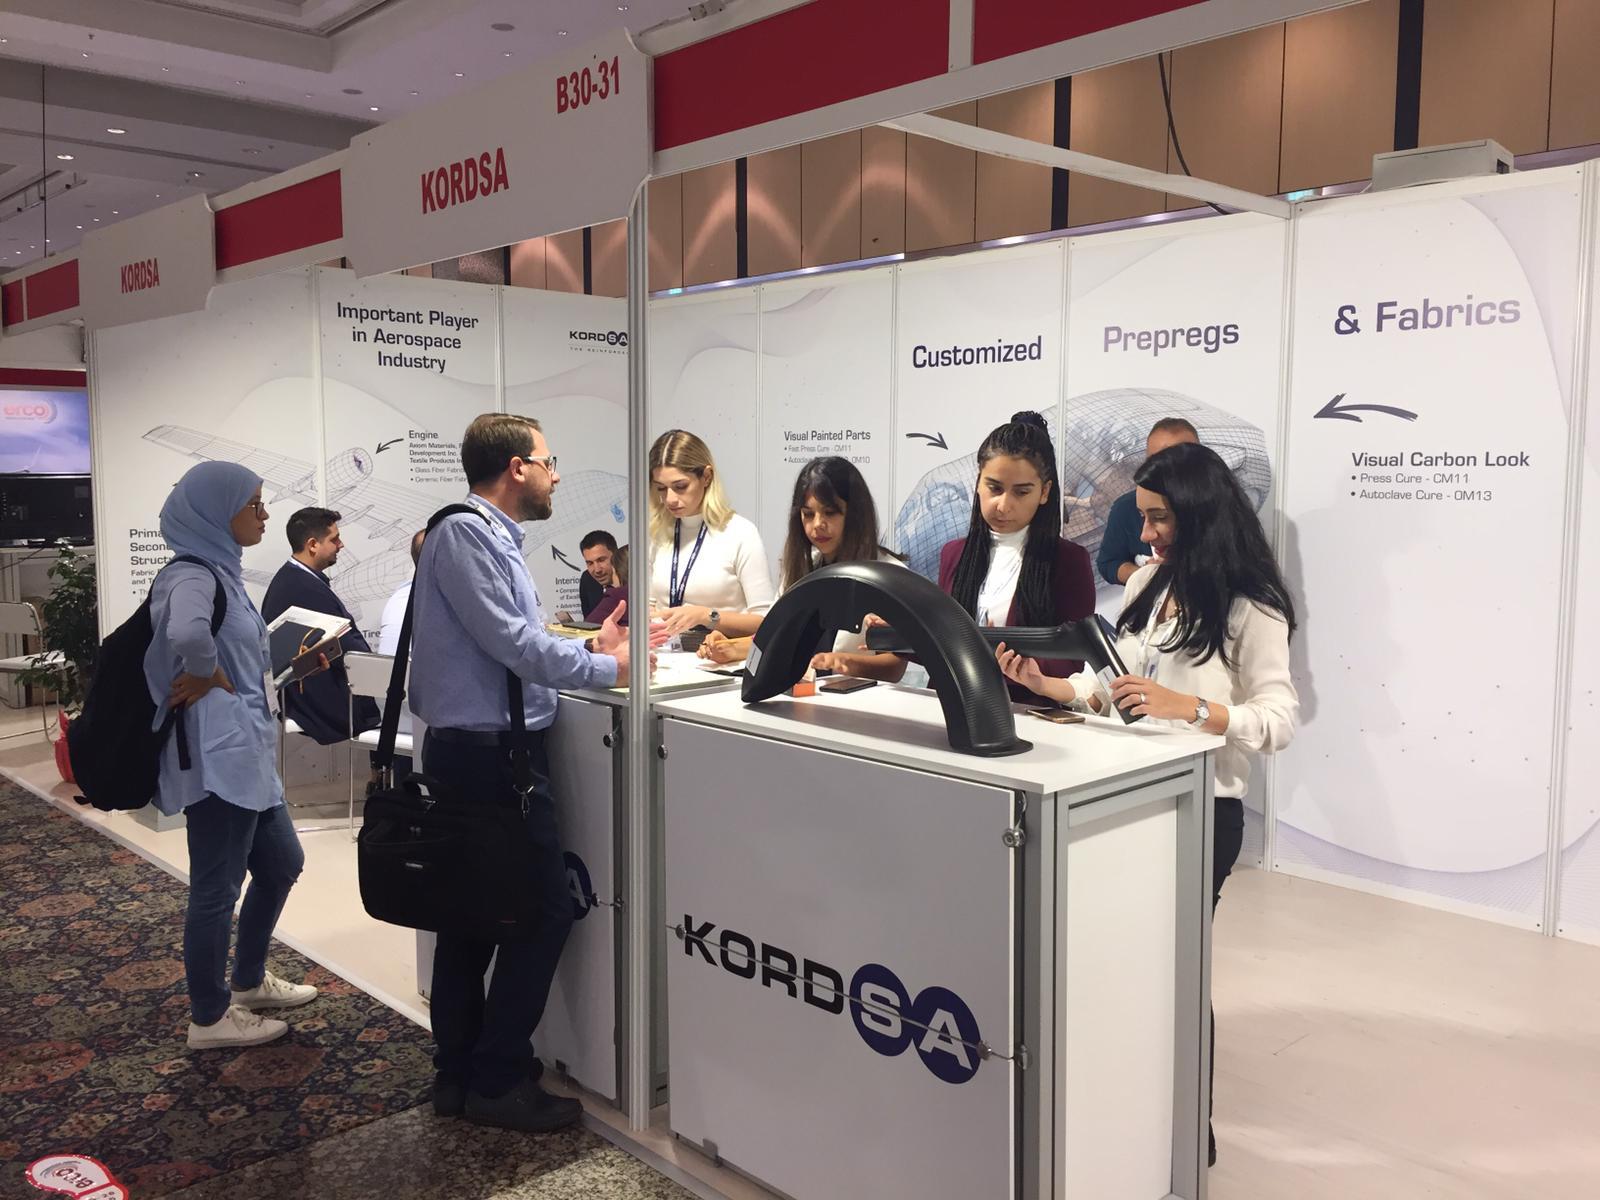 Kordsa, Türk Kompozit 2019'da yenilikçi kompozit teknolojilerini sergiledi